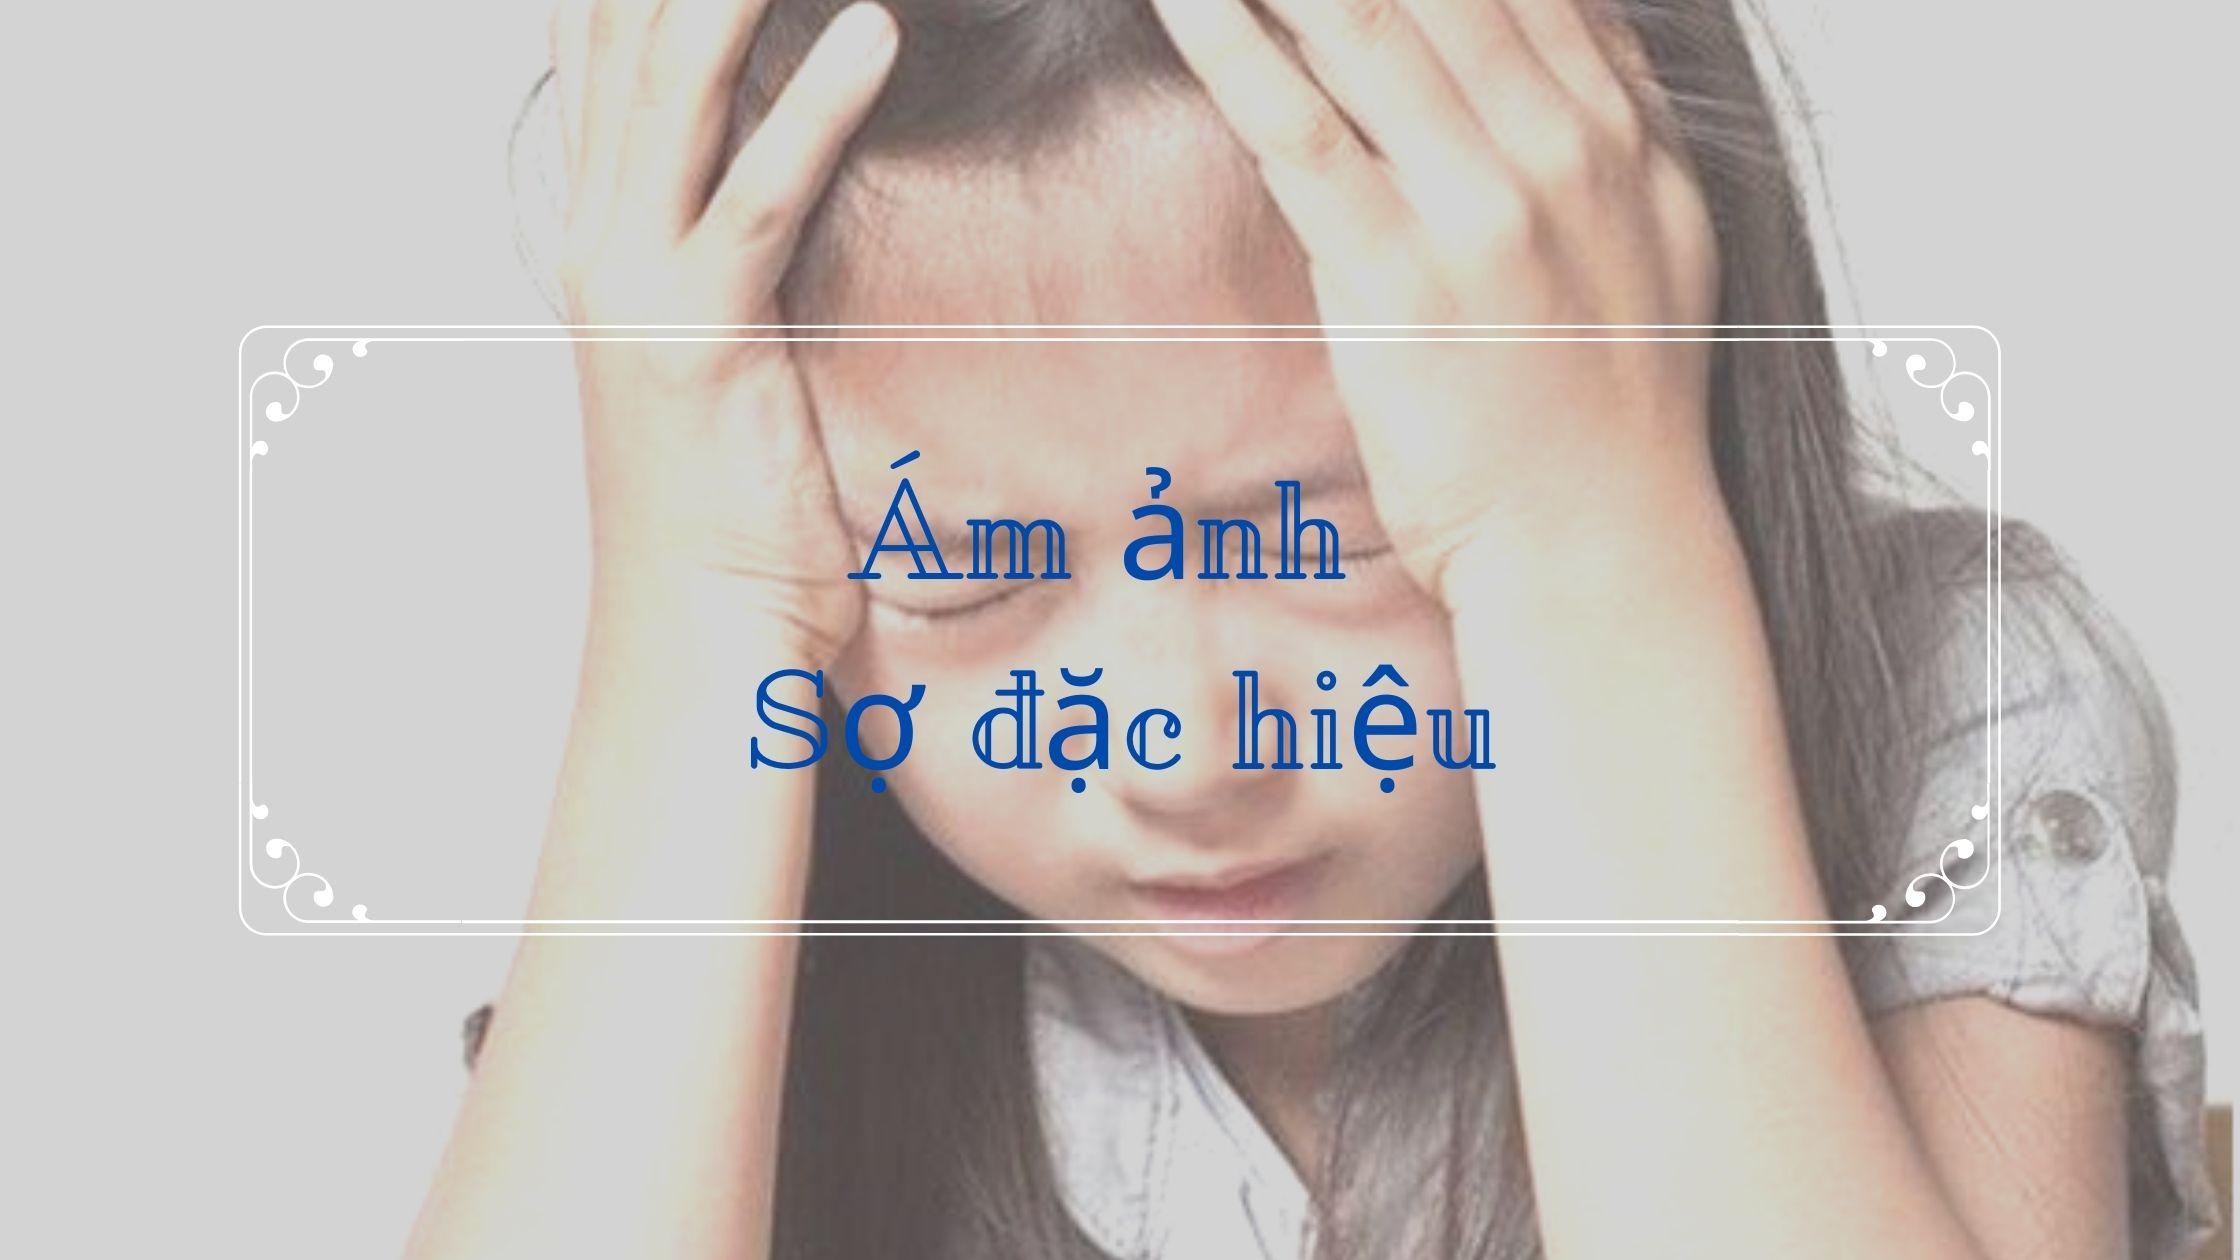 am_anh_so_dac_hieu